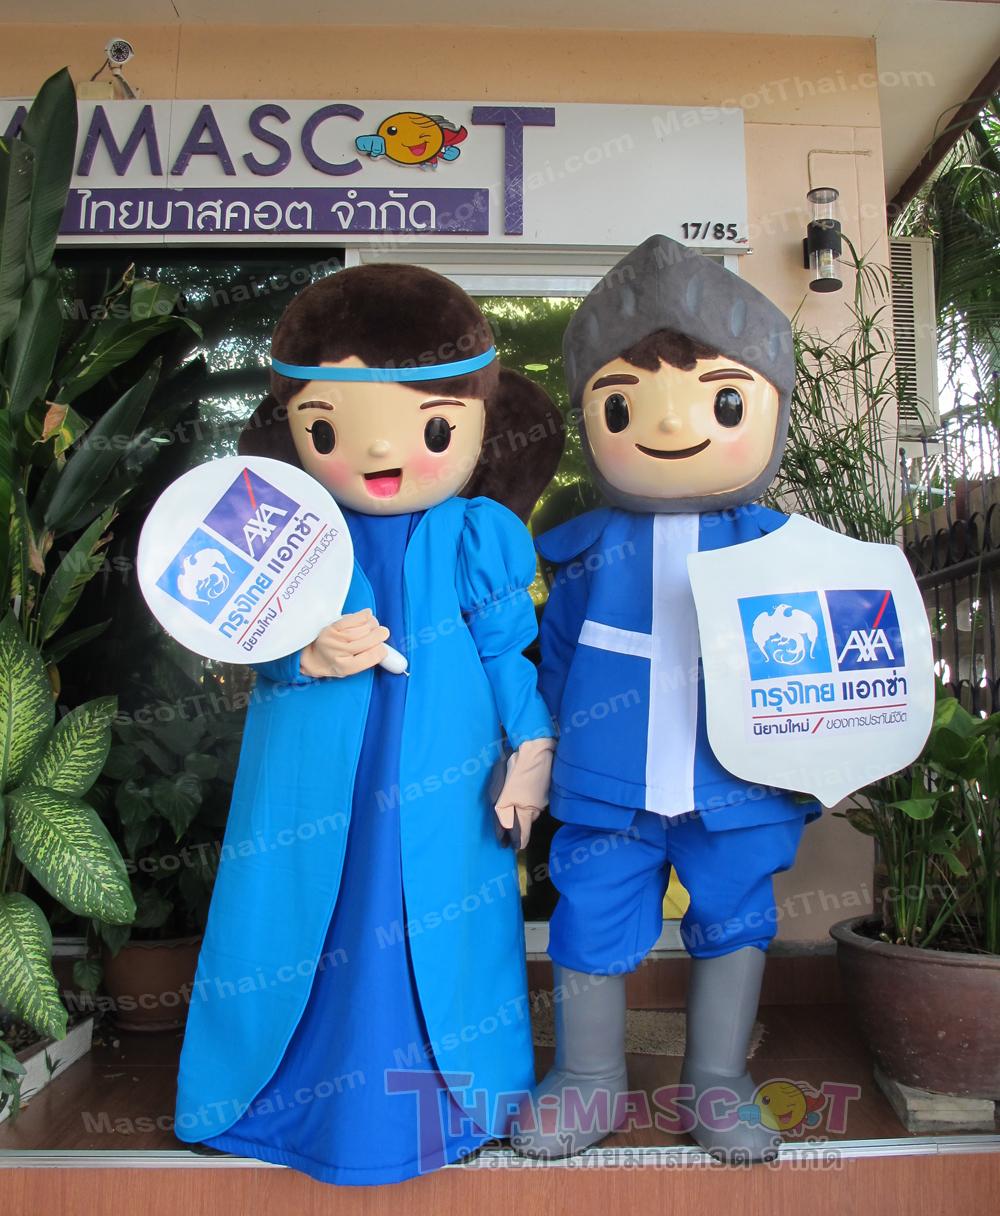 มาสคอต กรุงไทยแอกซ่า